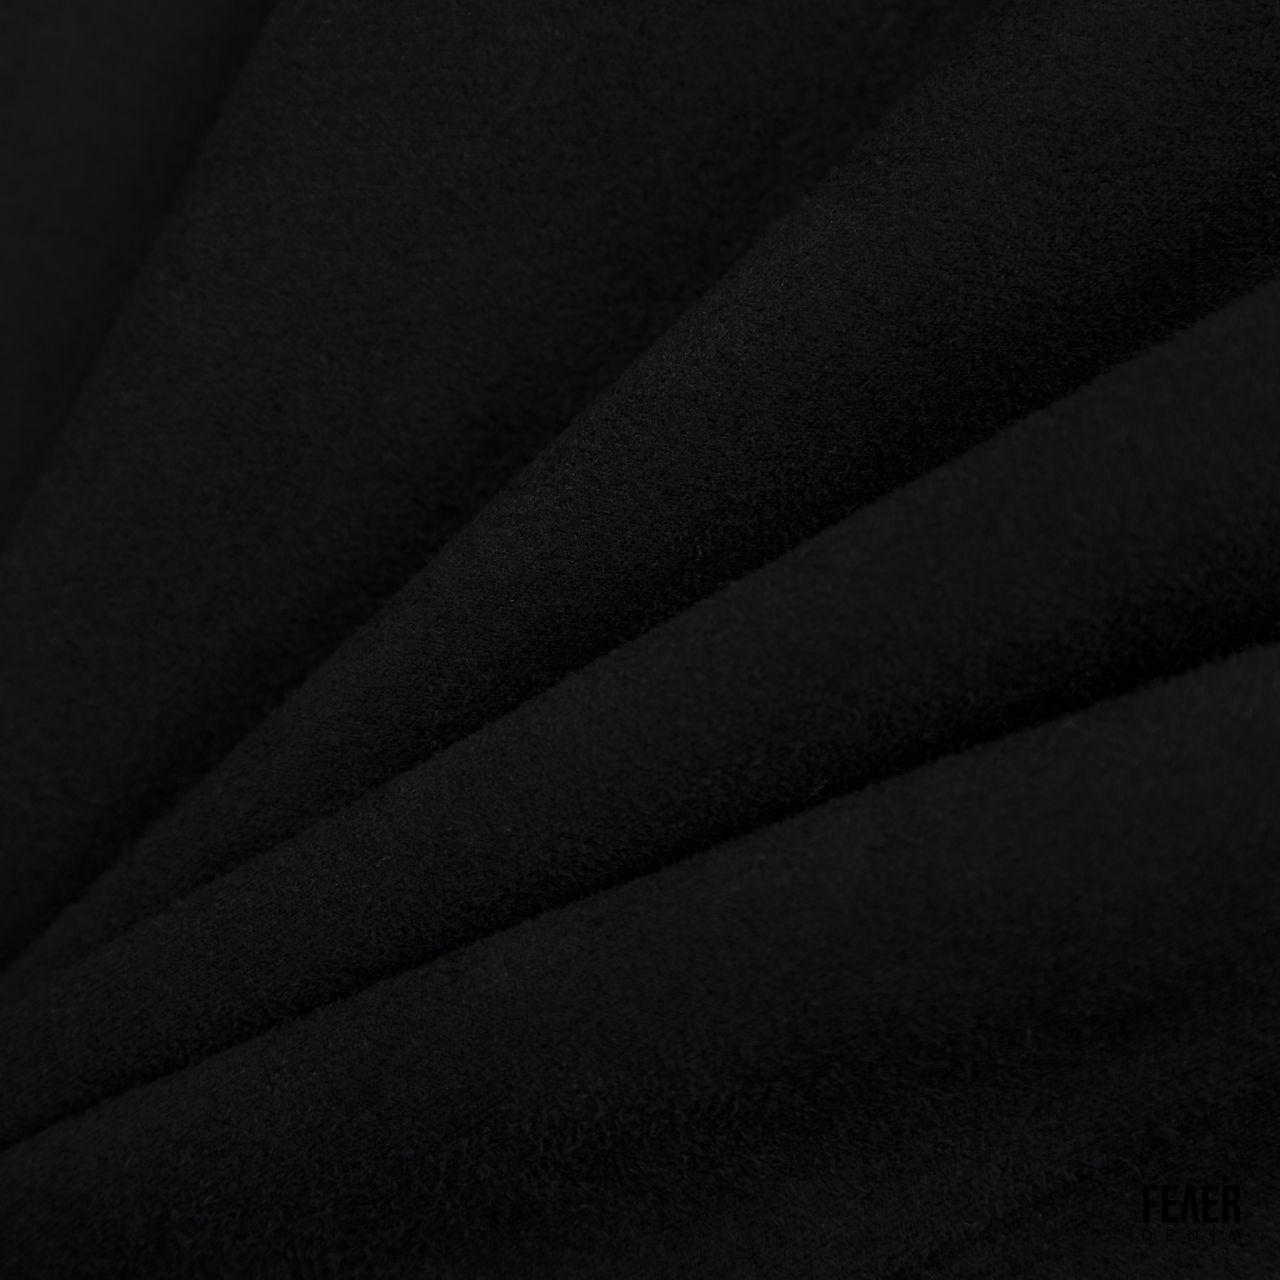 SP286 - Áo Khoác Quality Suede Jacket